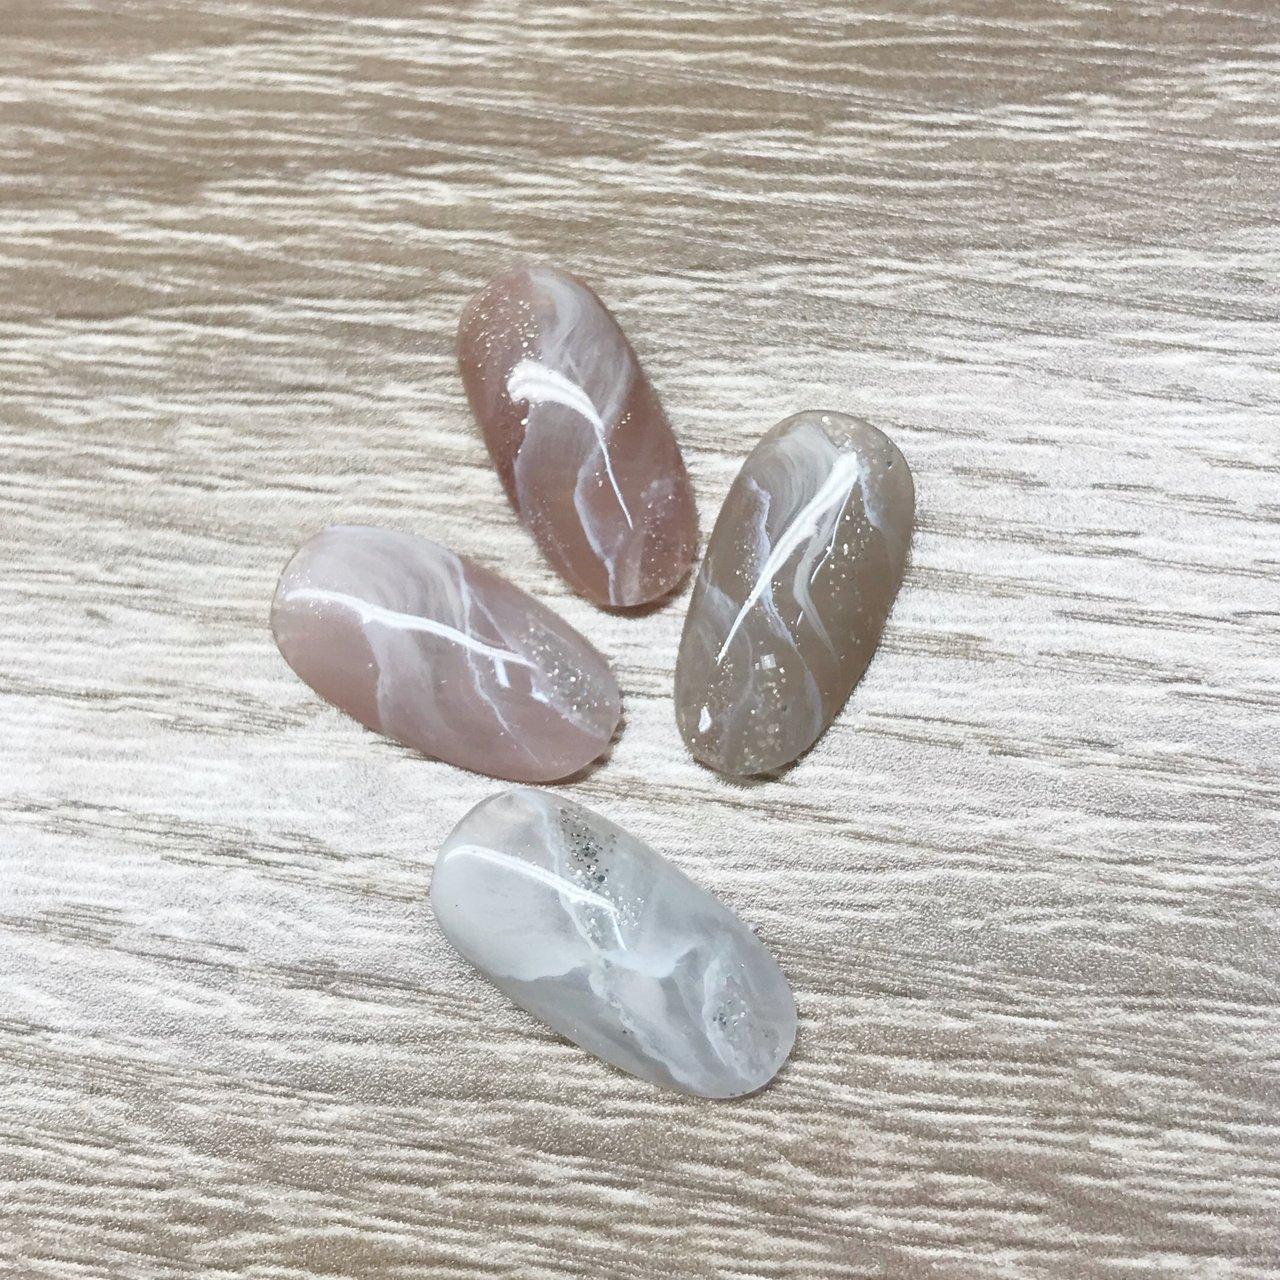 #天然石ネイル#天然石アート#夏ネイル#ニュアンスネイル #nail salon PROTEA #ネイルブック